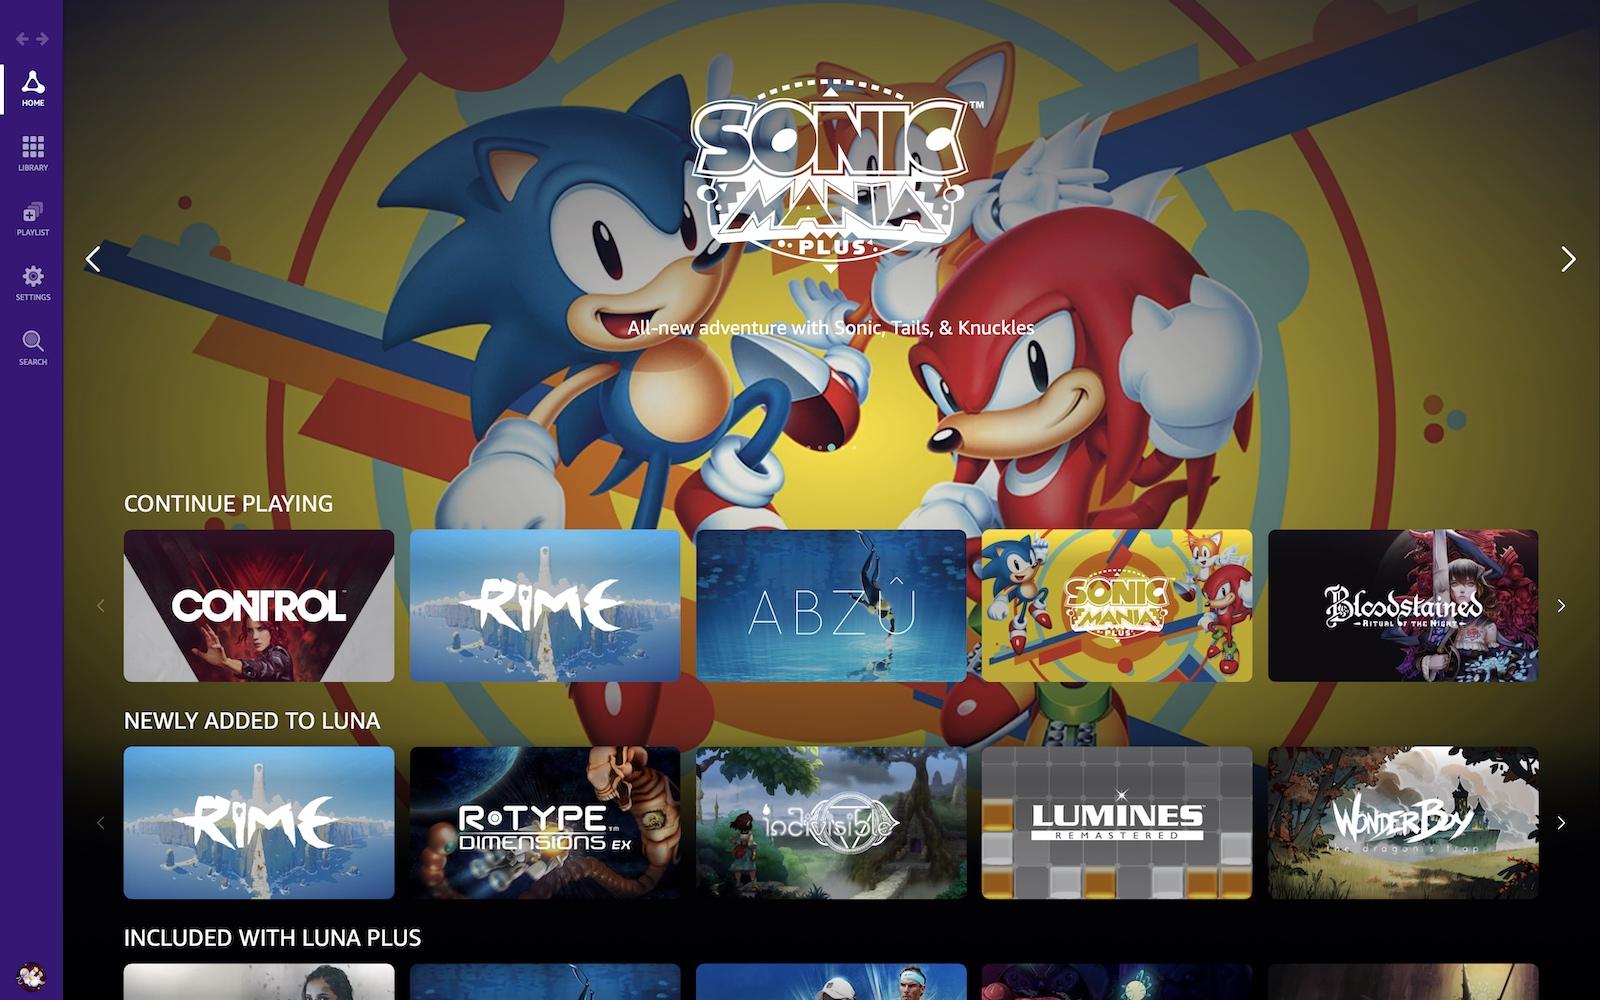 AmazonのクラウドゲームサービスであるLuna。